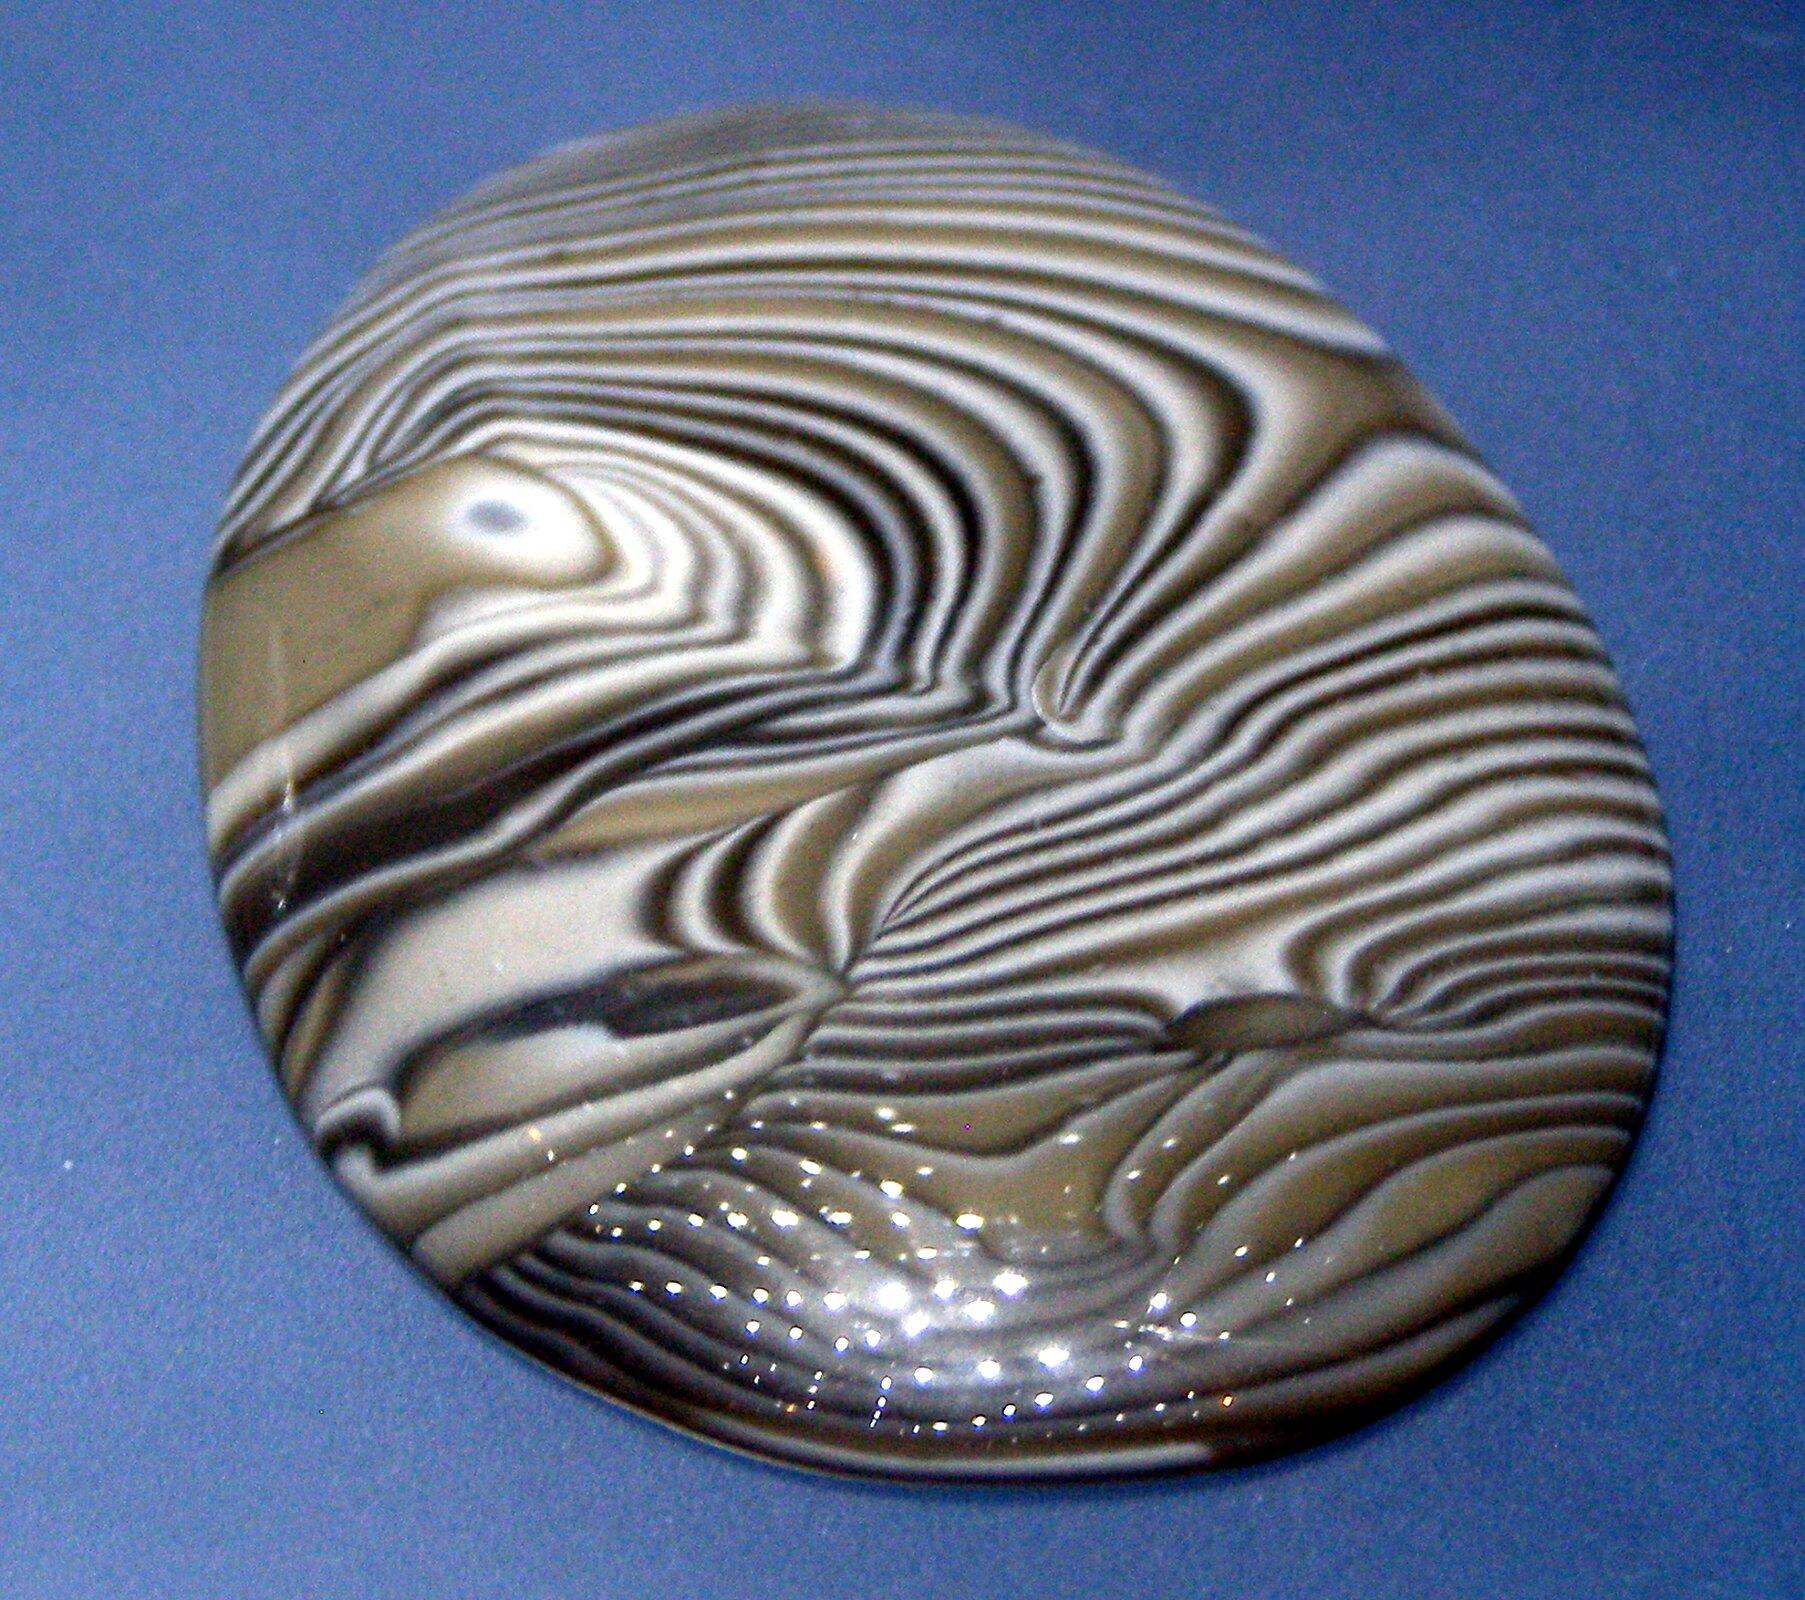 Zdjęcie przedstawia okrągły, gładko oszlifowany kawałek krzemienia pasiastego na niebieskim tle. Kamień cały pokryty jest nieregularnym wzorem składającym się zpowyginanych pasków, naprzemiennie czarnych, białych ibrązowych. Kamień błyszczy, świadczą otym widoczne wdolnej jego części odblaski lampek oświetlających ekspozycję.